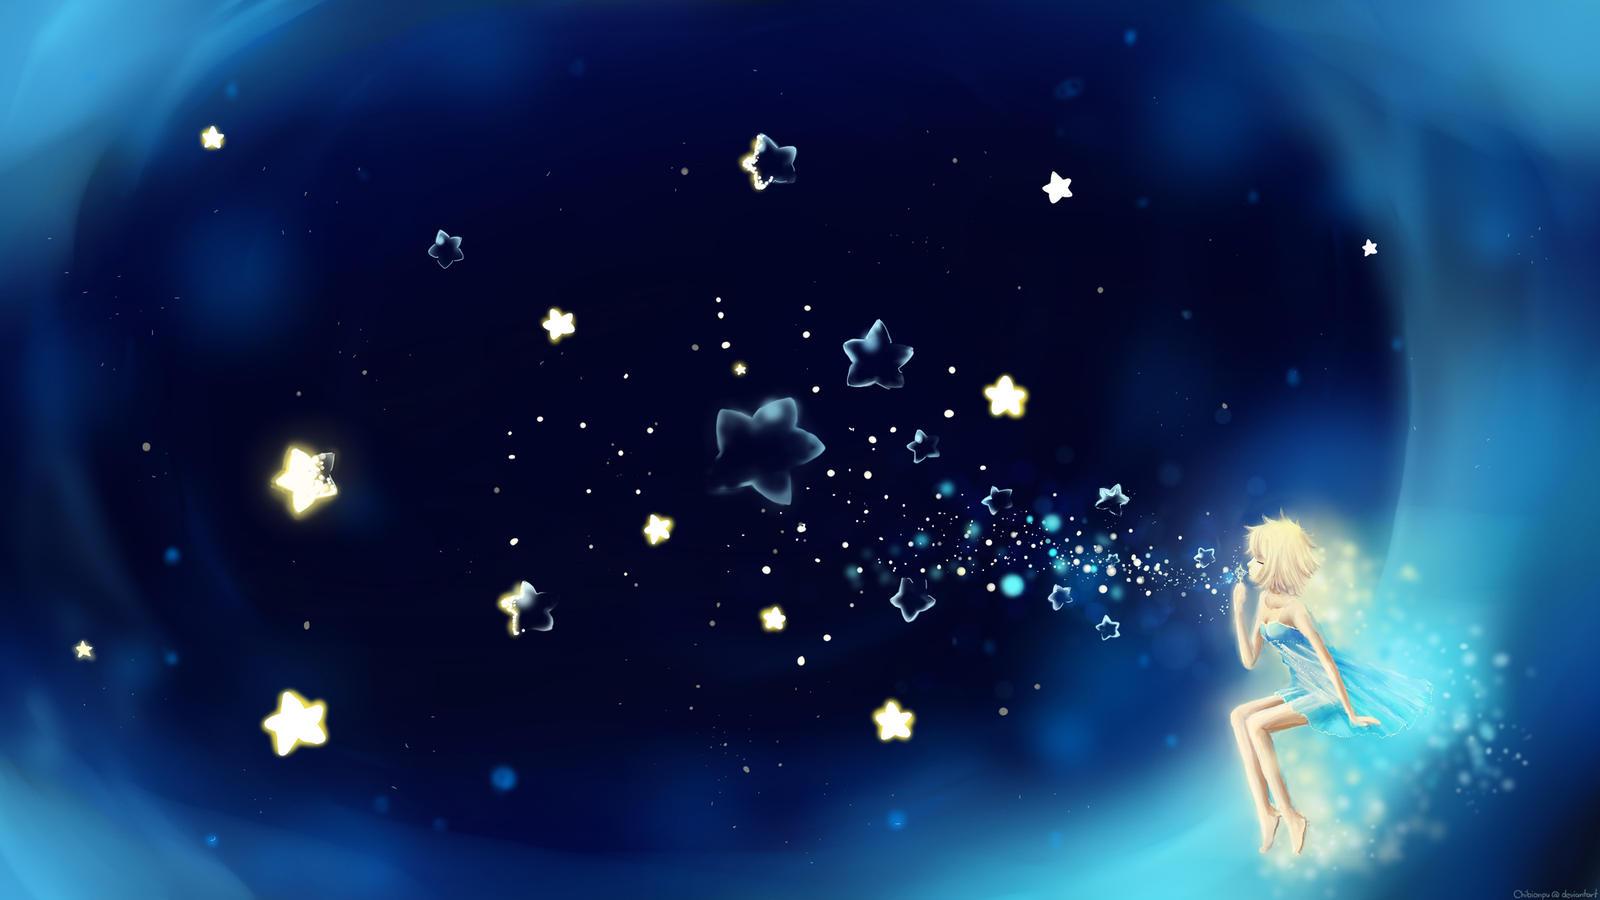 Анимационные открытки спокойной ночи сладких снов на фоне звездного неба, днем библиотек поздравление